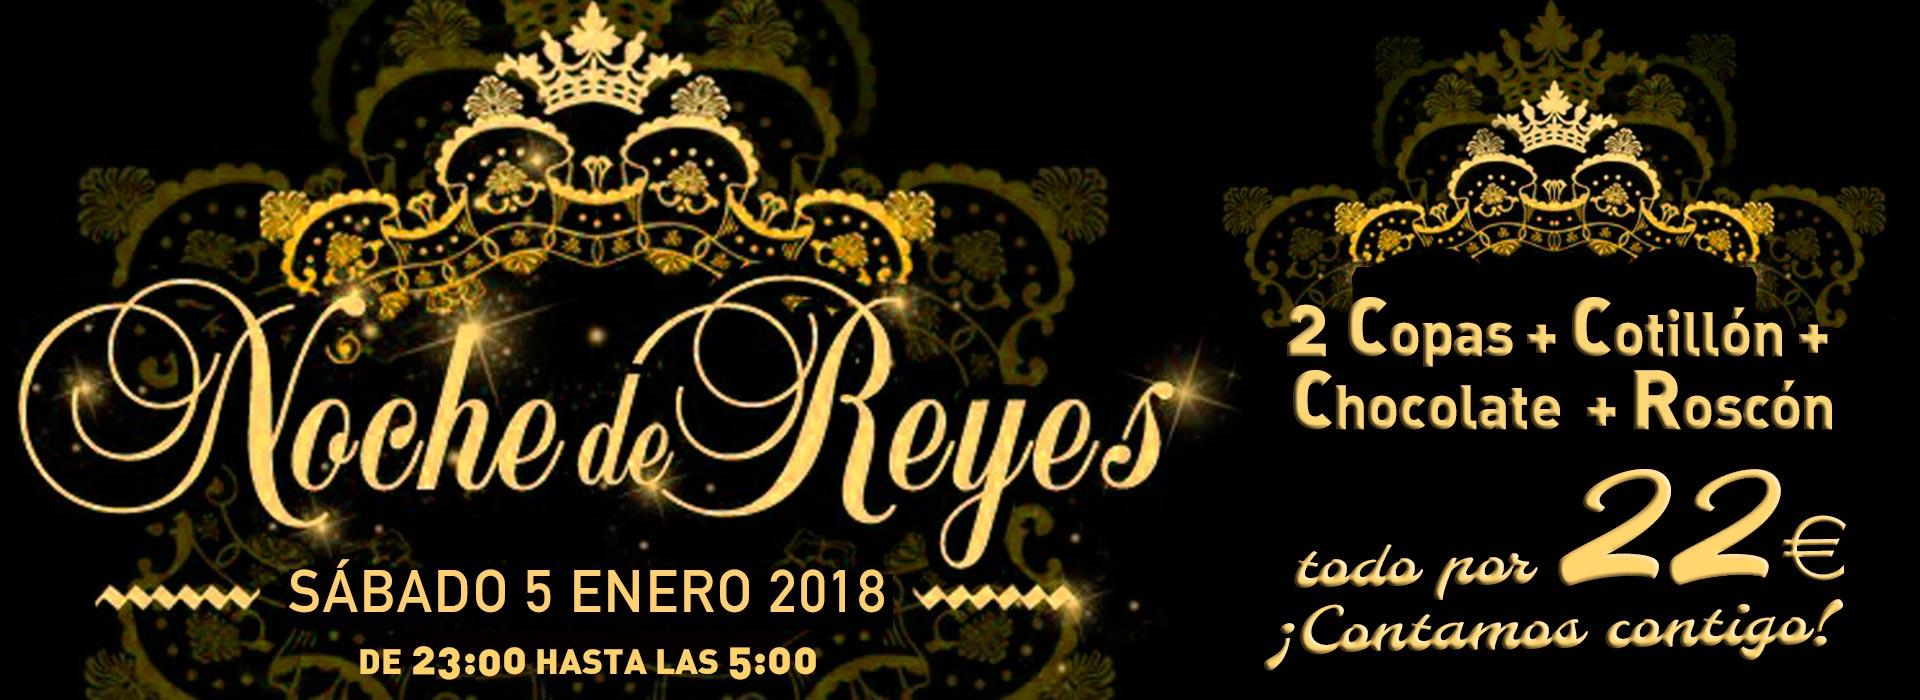 Noche-Reyes-2018